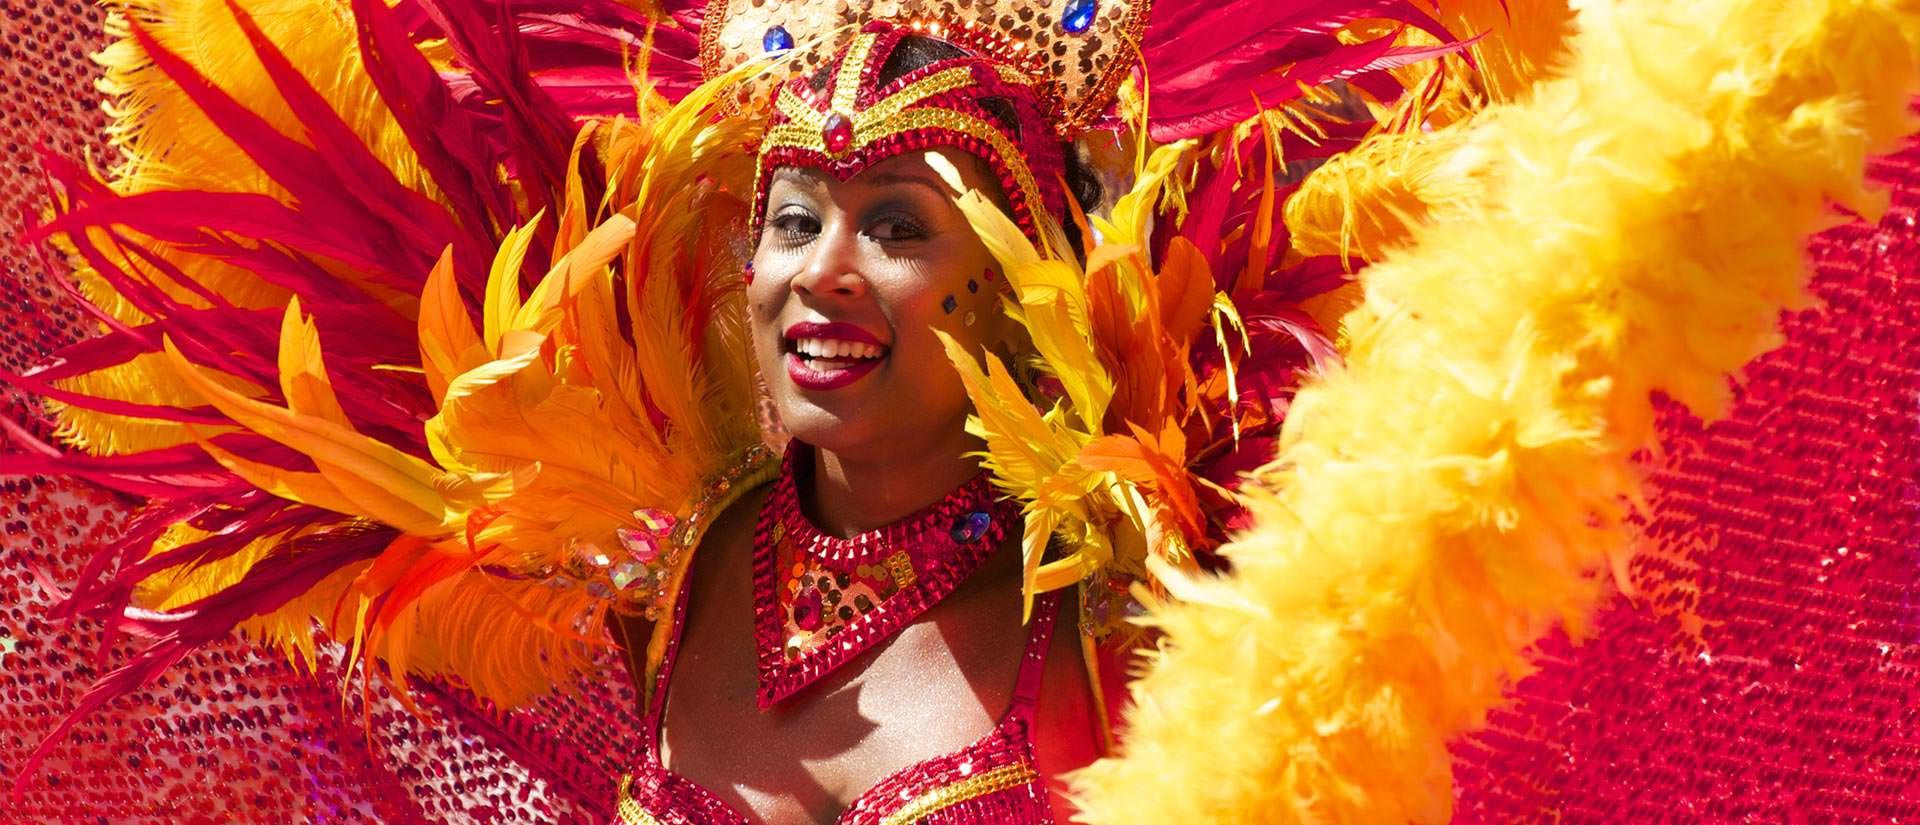 טיול לדרום אמריקה - הטיול המקיף לפרו, ברזיל, ארגנטינה וצ'ילה